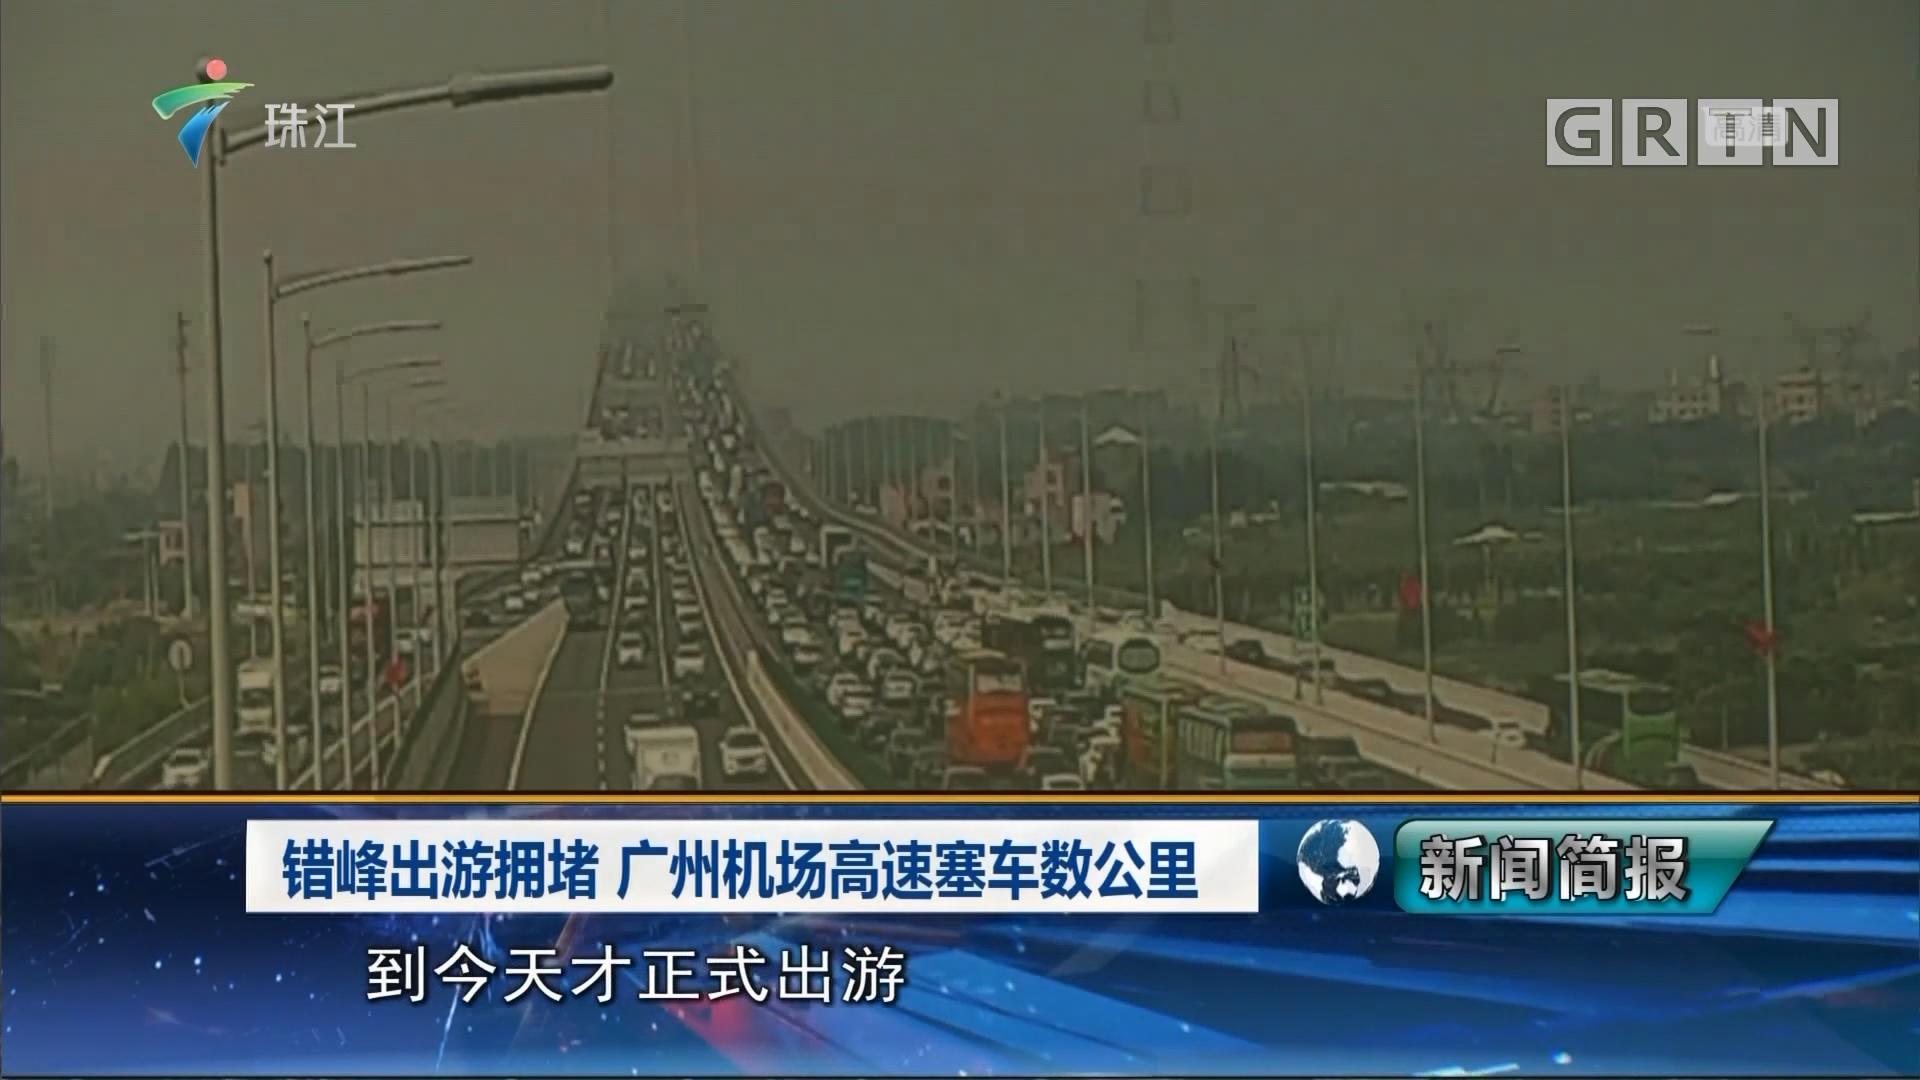 錯峰出游擁堵 廣州機場高速塞車數公里